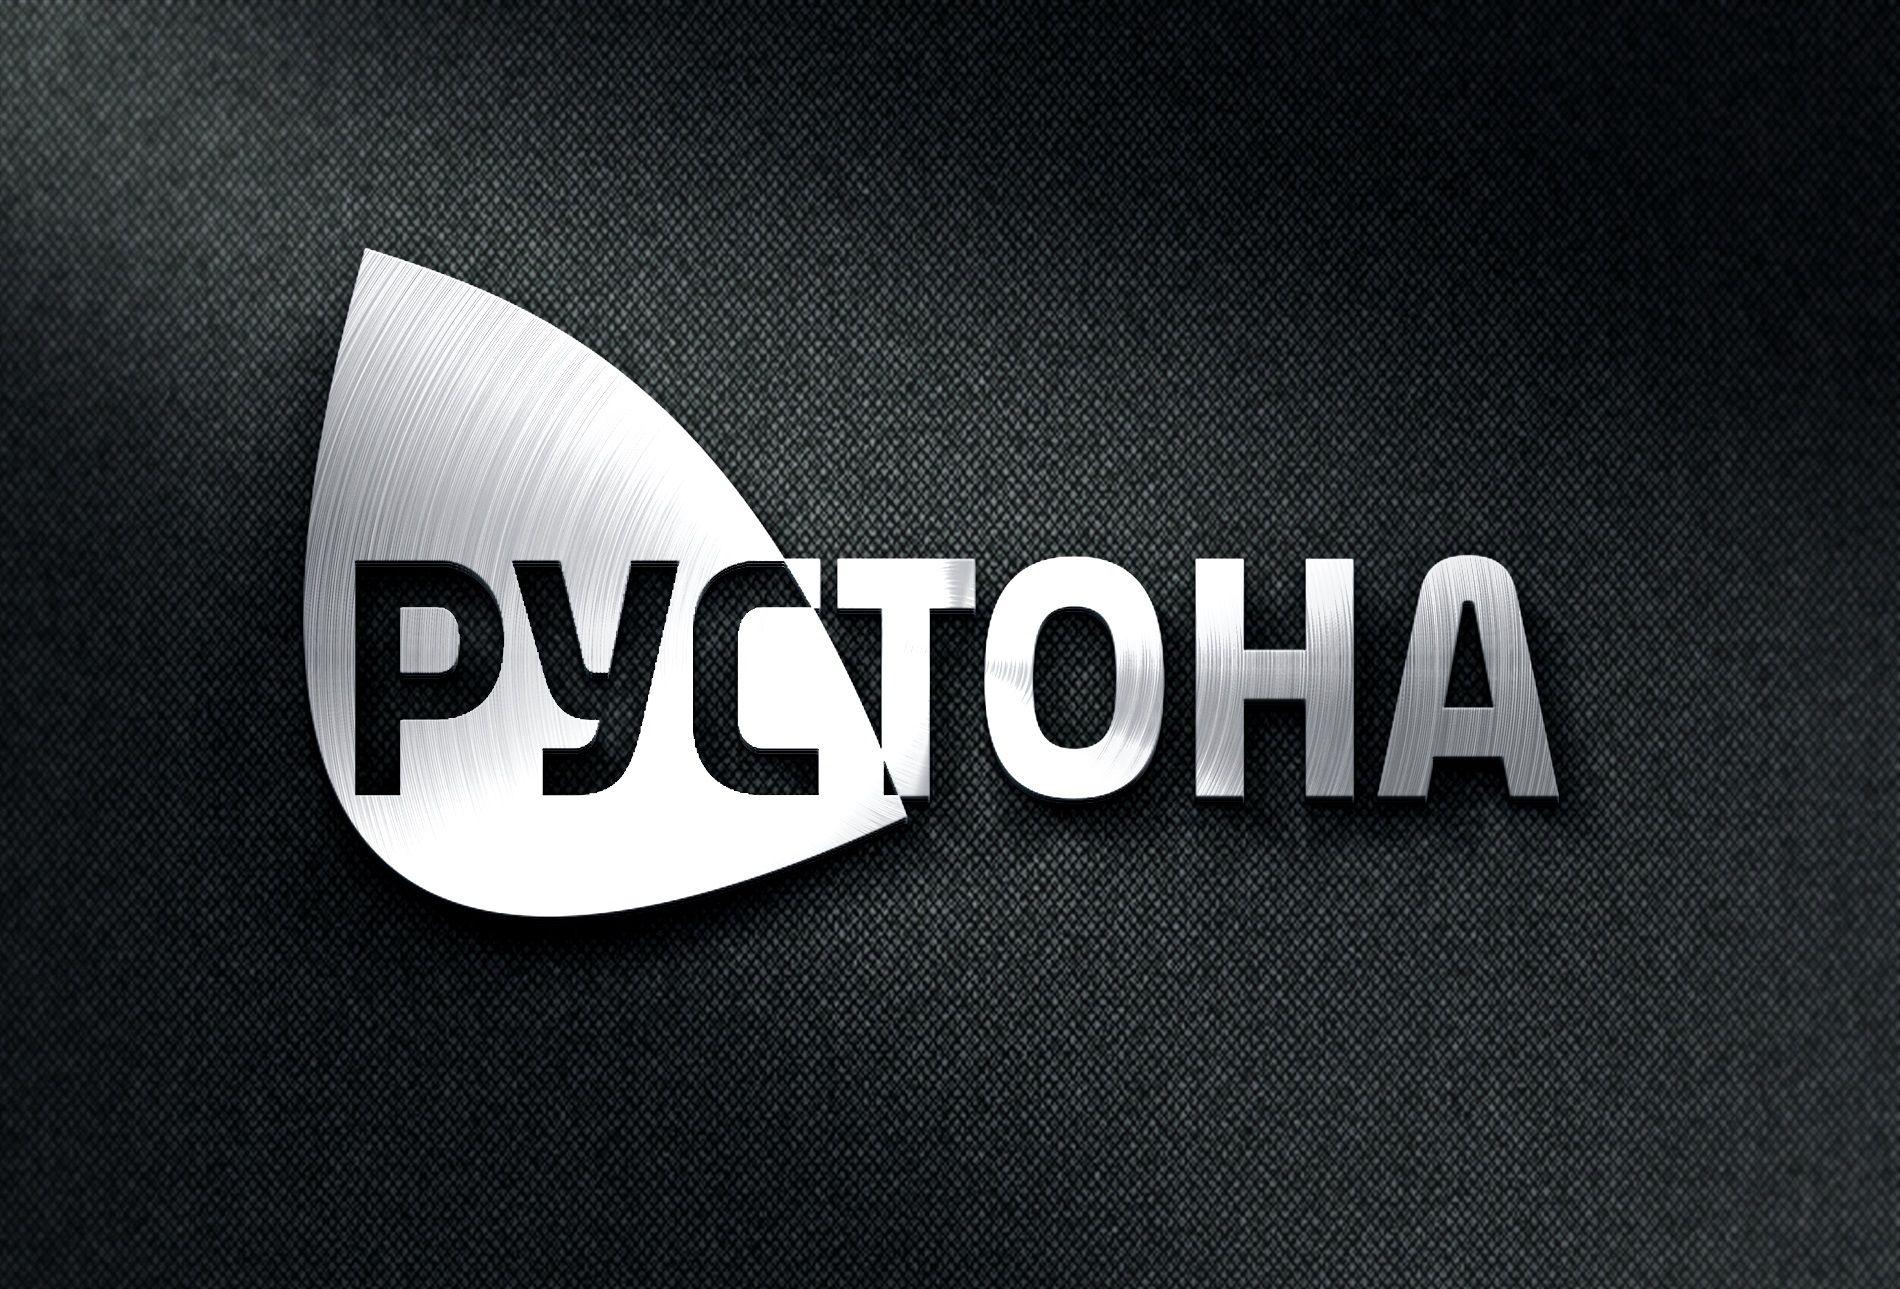 Логотип для компании Рустона (www.rustona.com) - дизайнер La_persona